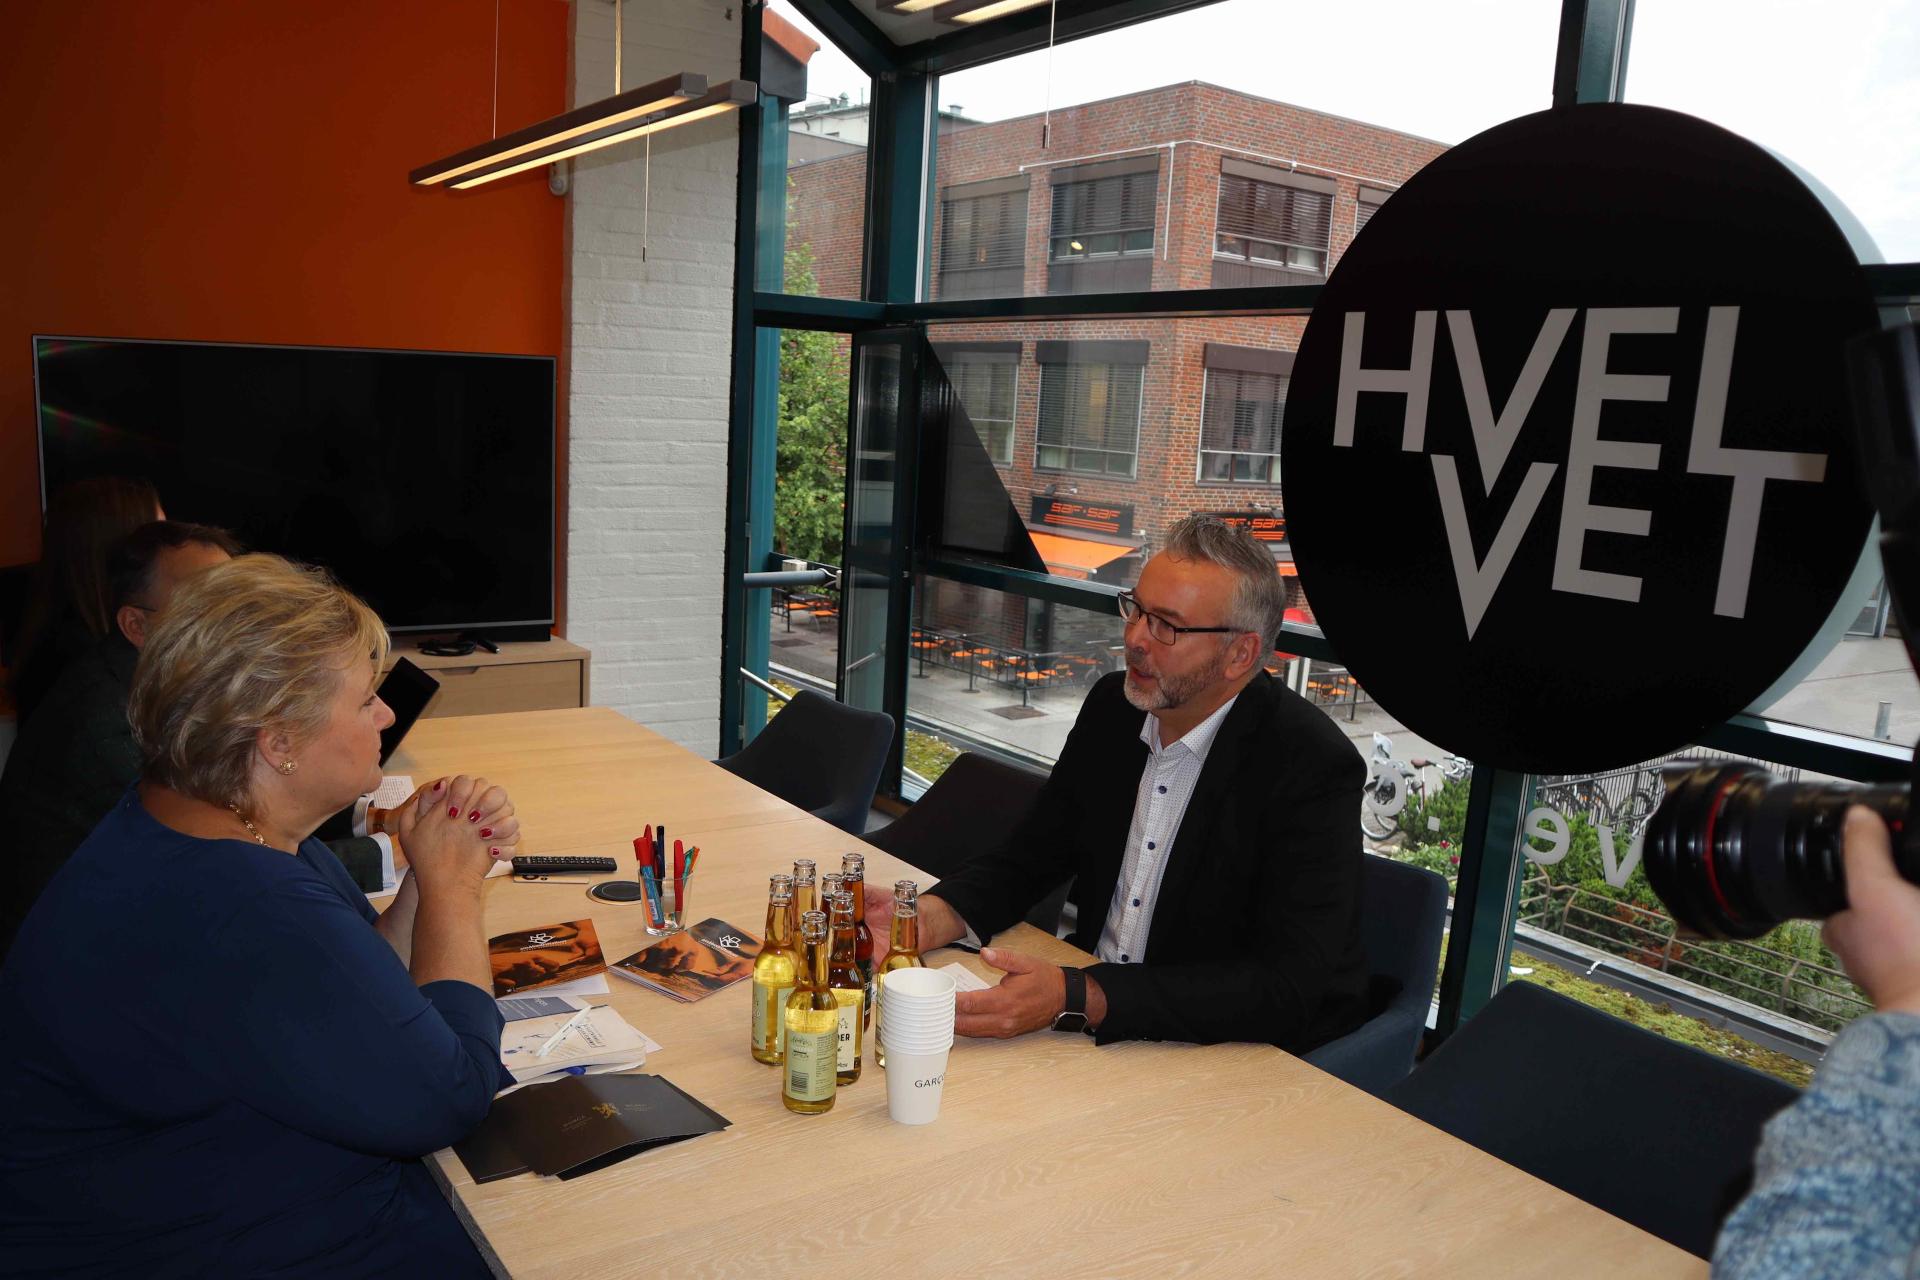 Statsminister Erna Solberg får gode råd av Bjørn Skovli i Oppover om hvordan bedrifter kan jobbe smartere